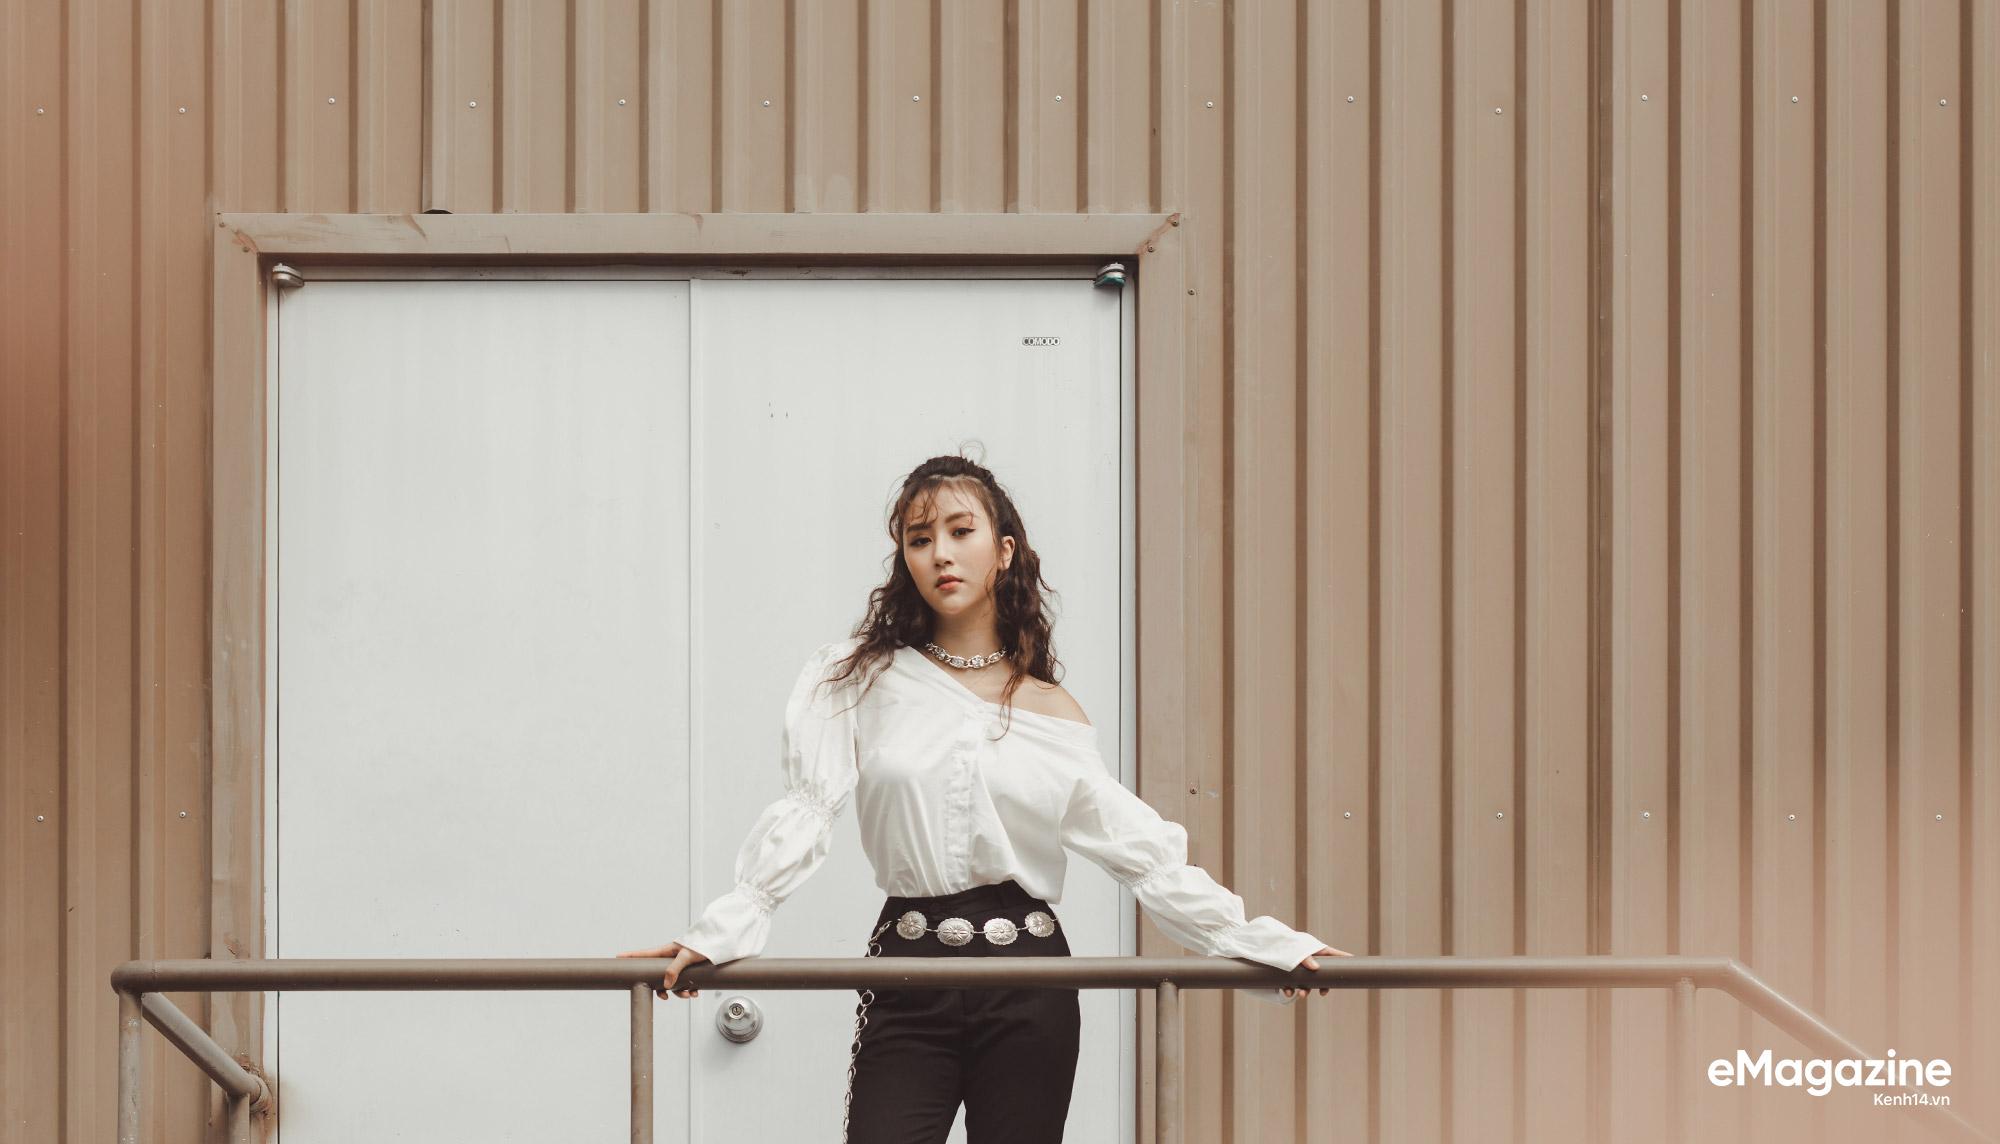 Hot girl 1 triệu rưỡi followers Quỳnh Anh Shyn: nhiều anti fan nhất, nhưng cũng hot nhất! - Ảnh 11.